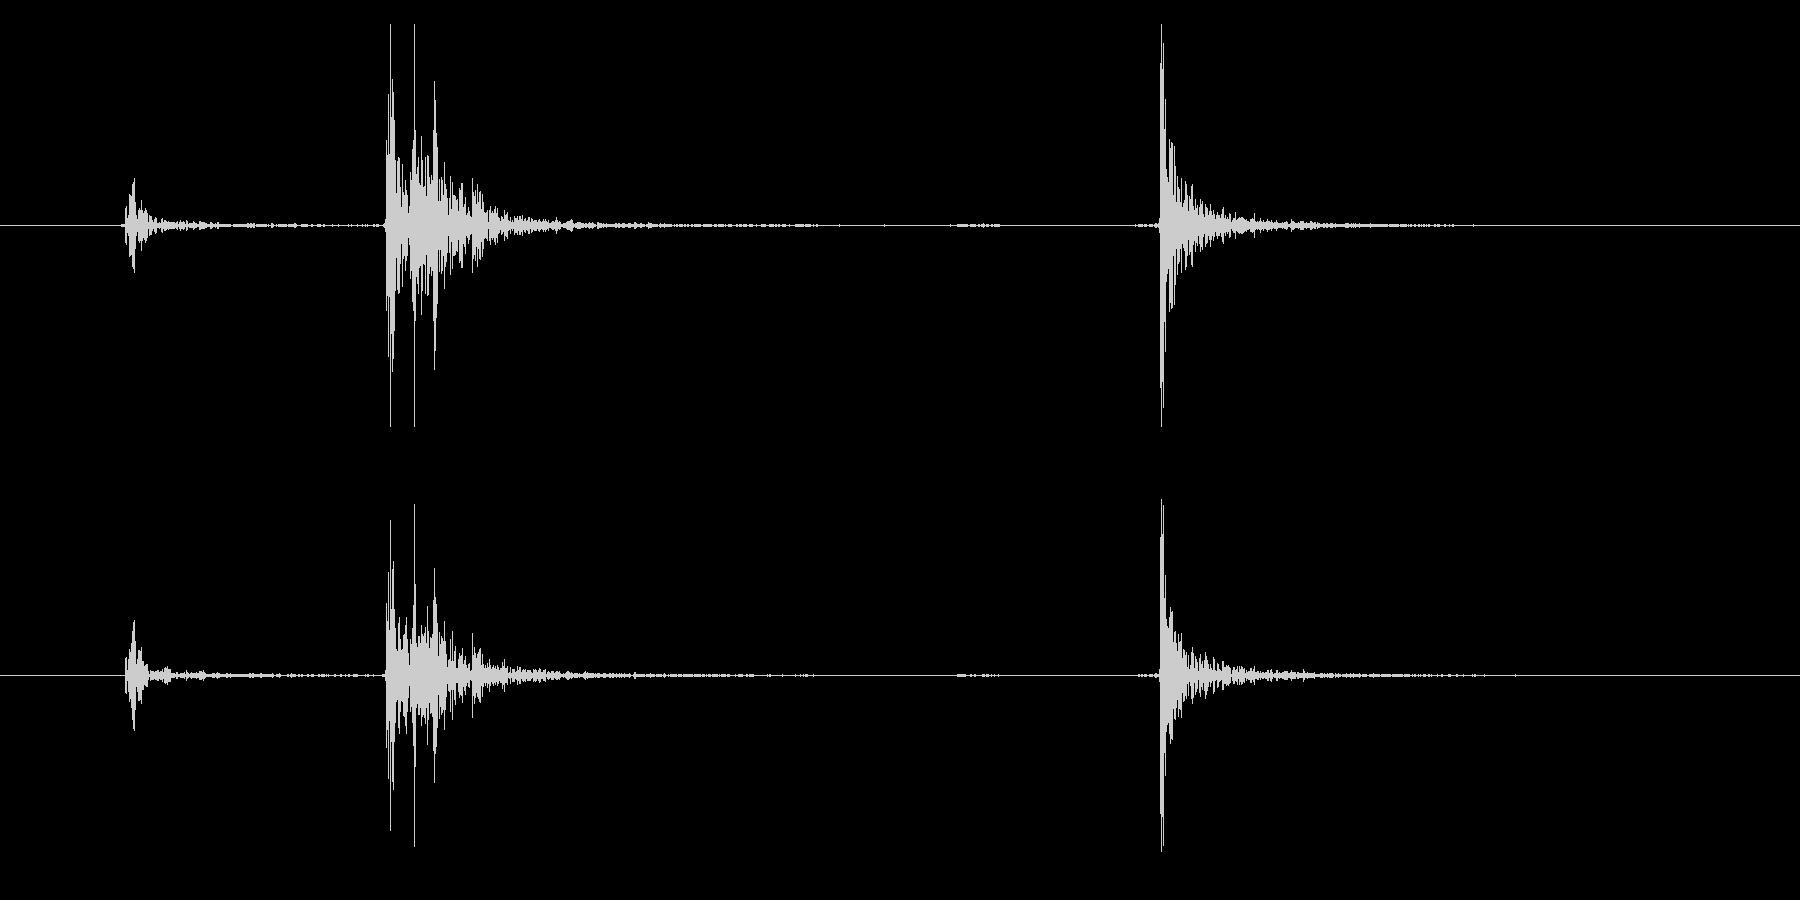 INT:キャビン:ギャレーストレー...の未再生の波形